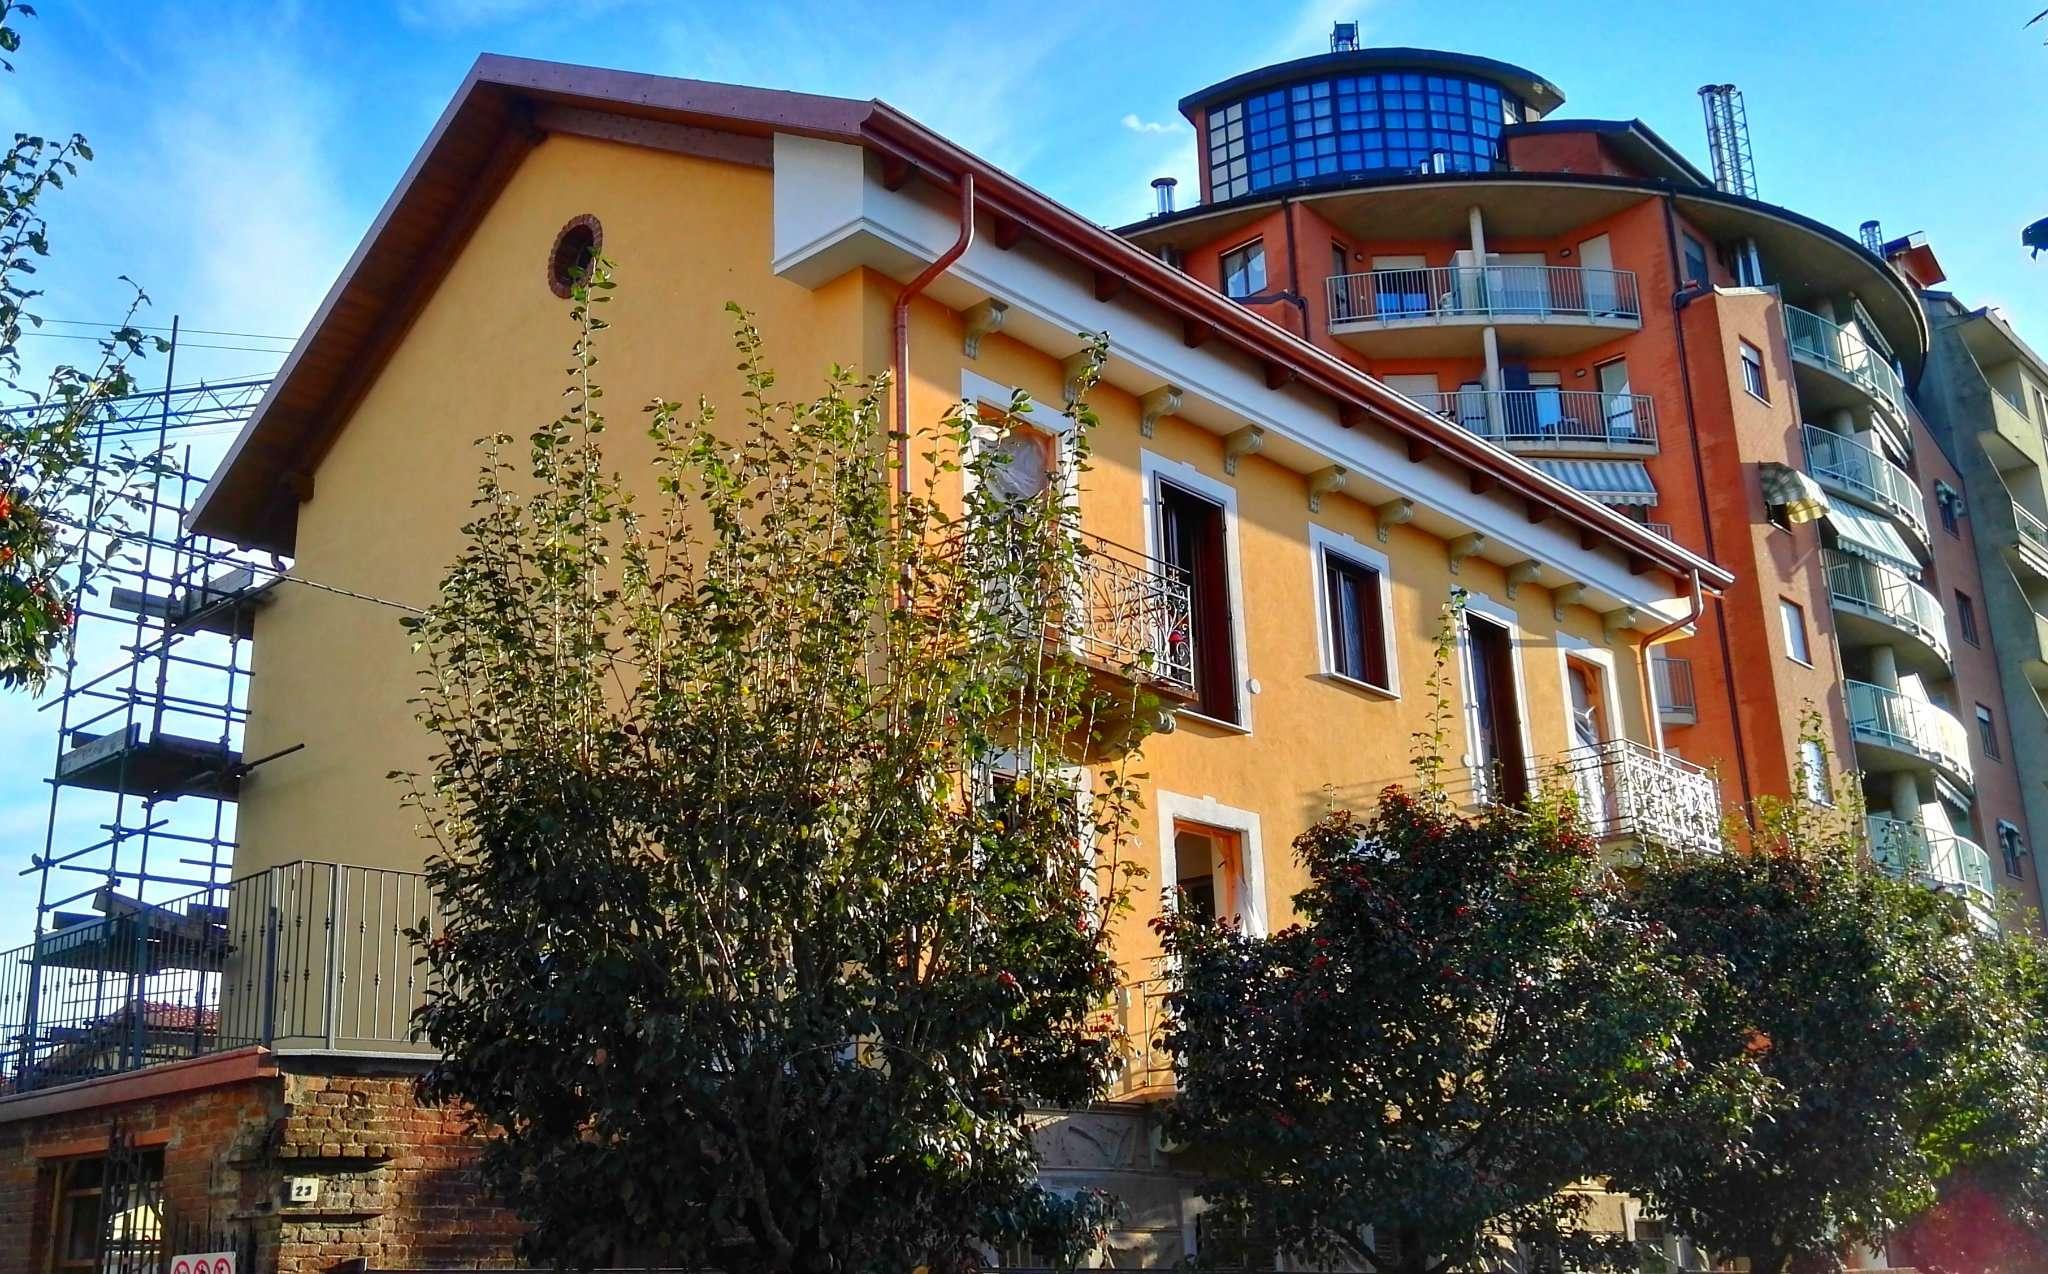 Appartamento in vendita a Trofarello, 3 locali, prezzo € 160.000 | CambioCasa.it